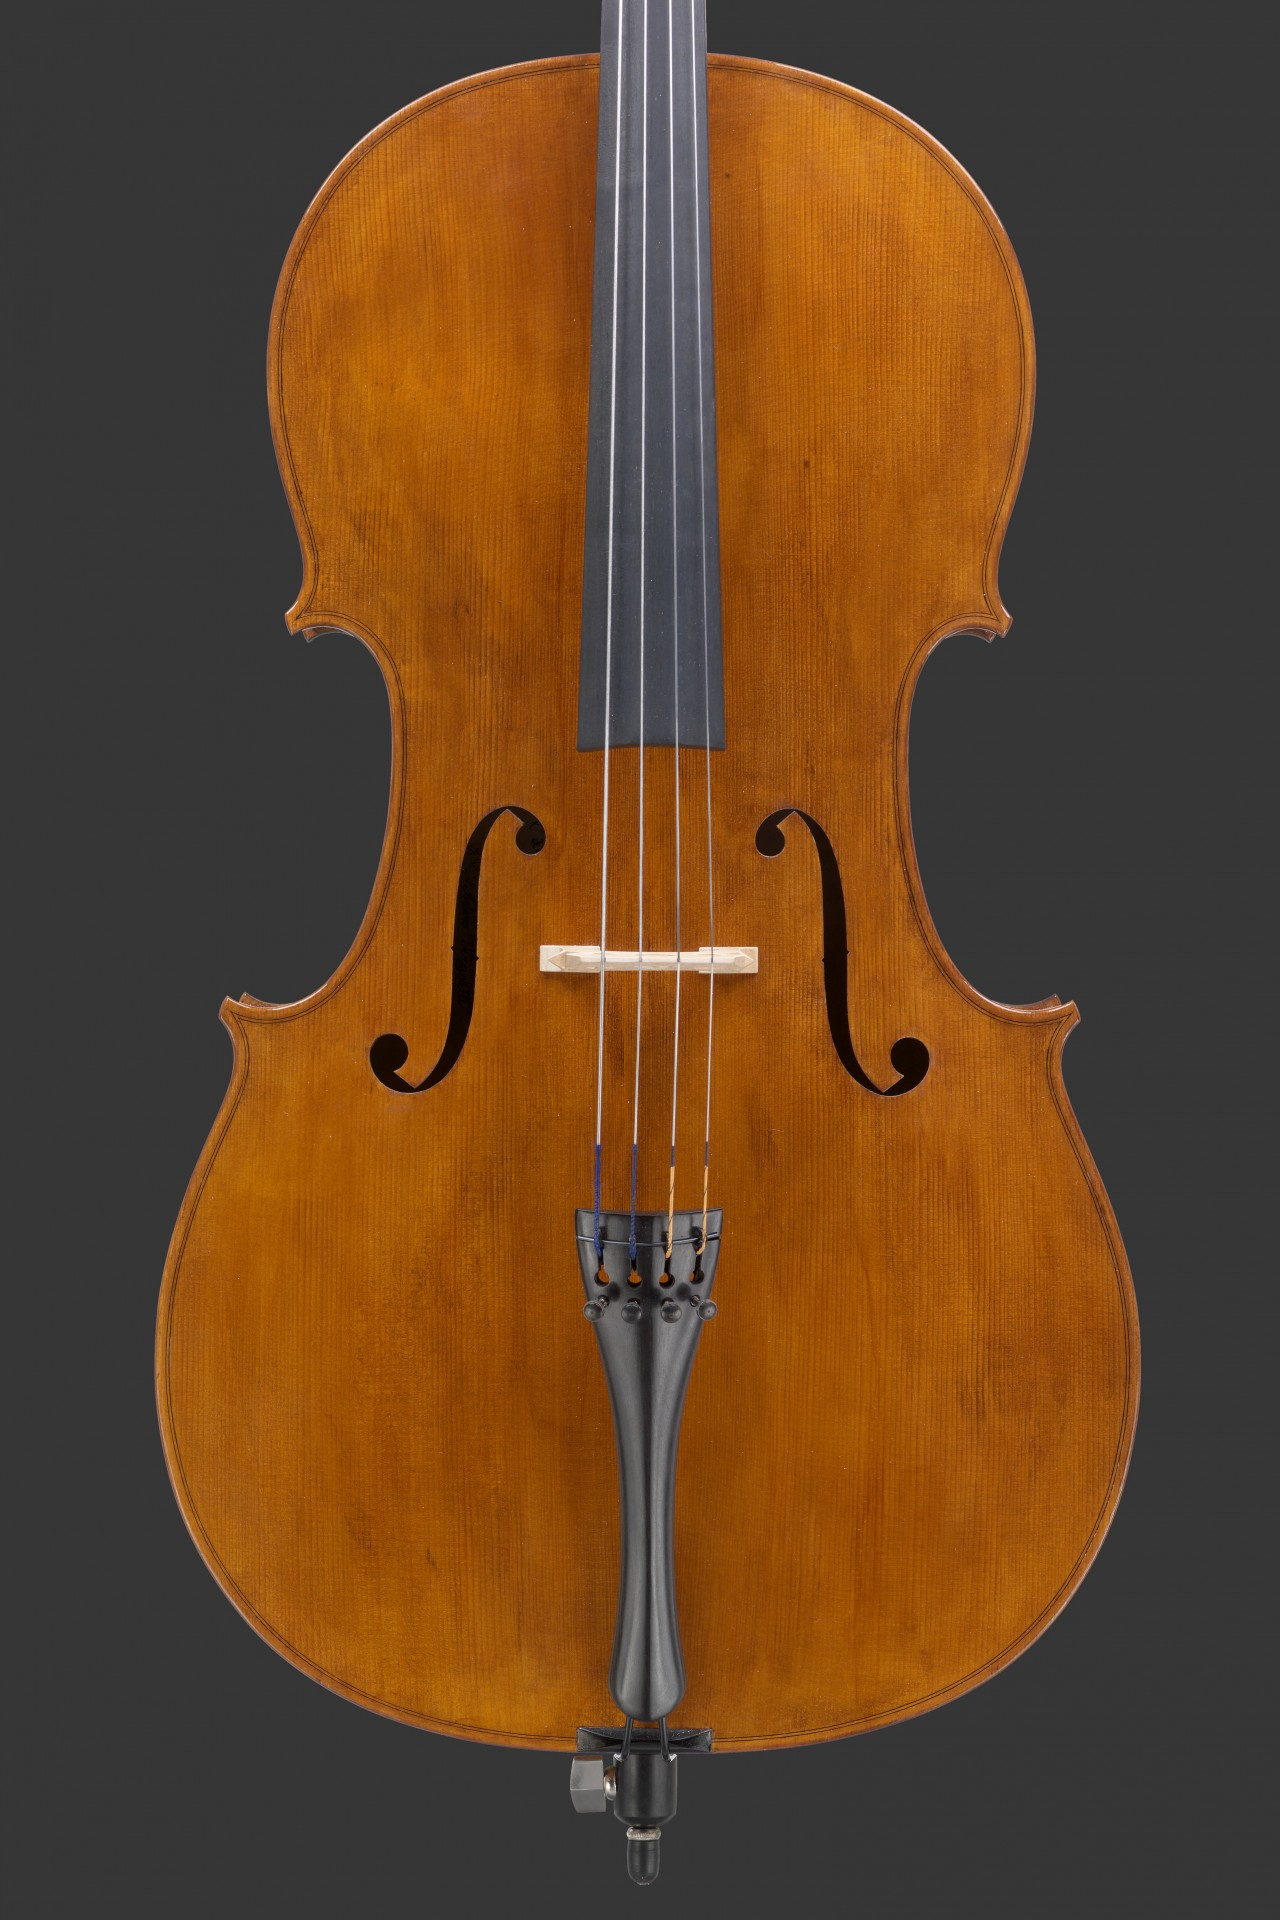 Violoncello Arturo Mod. Stradivari